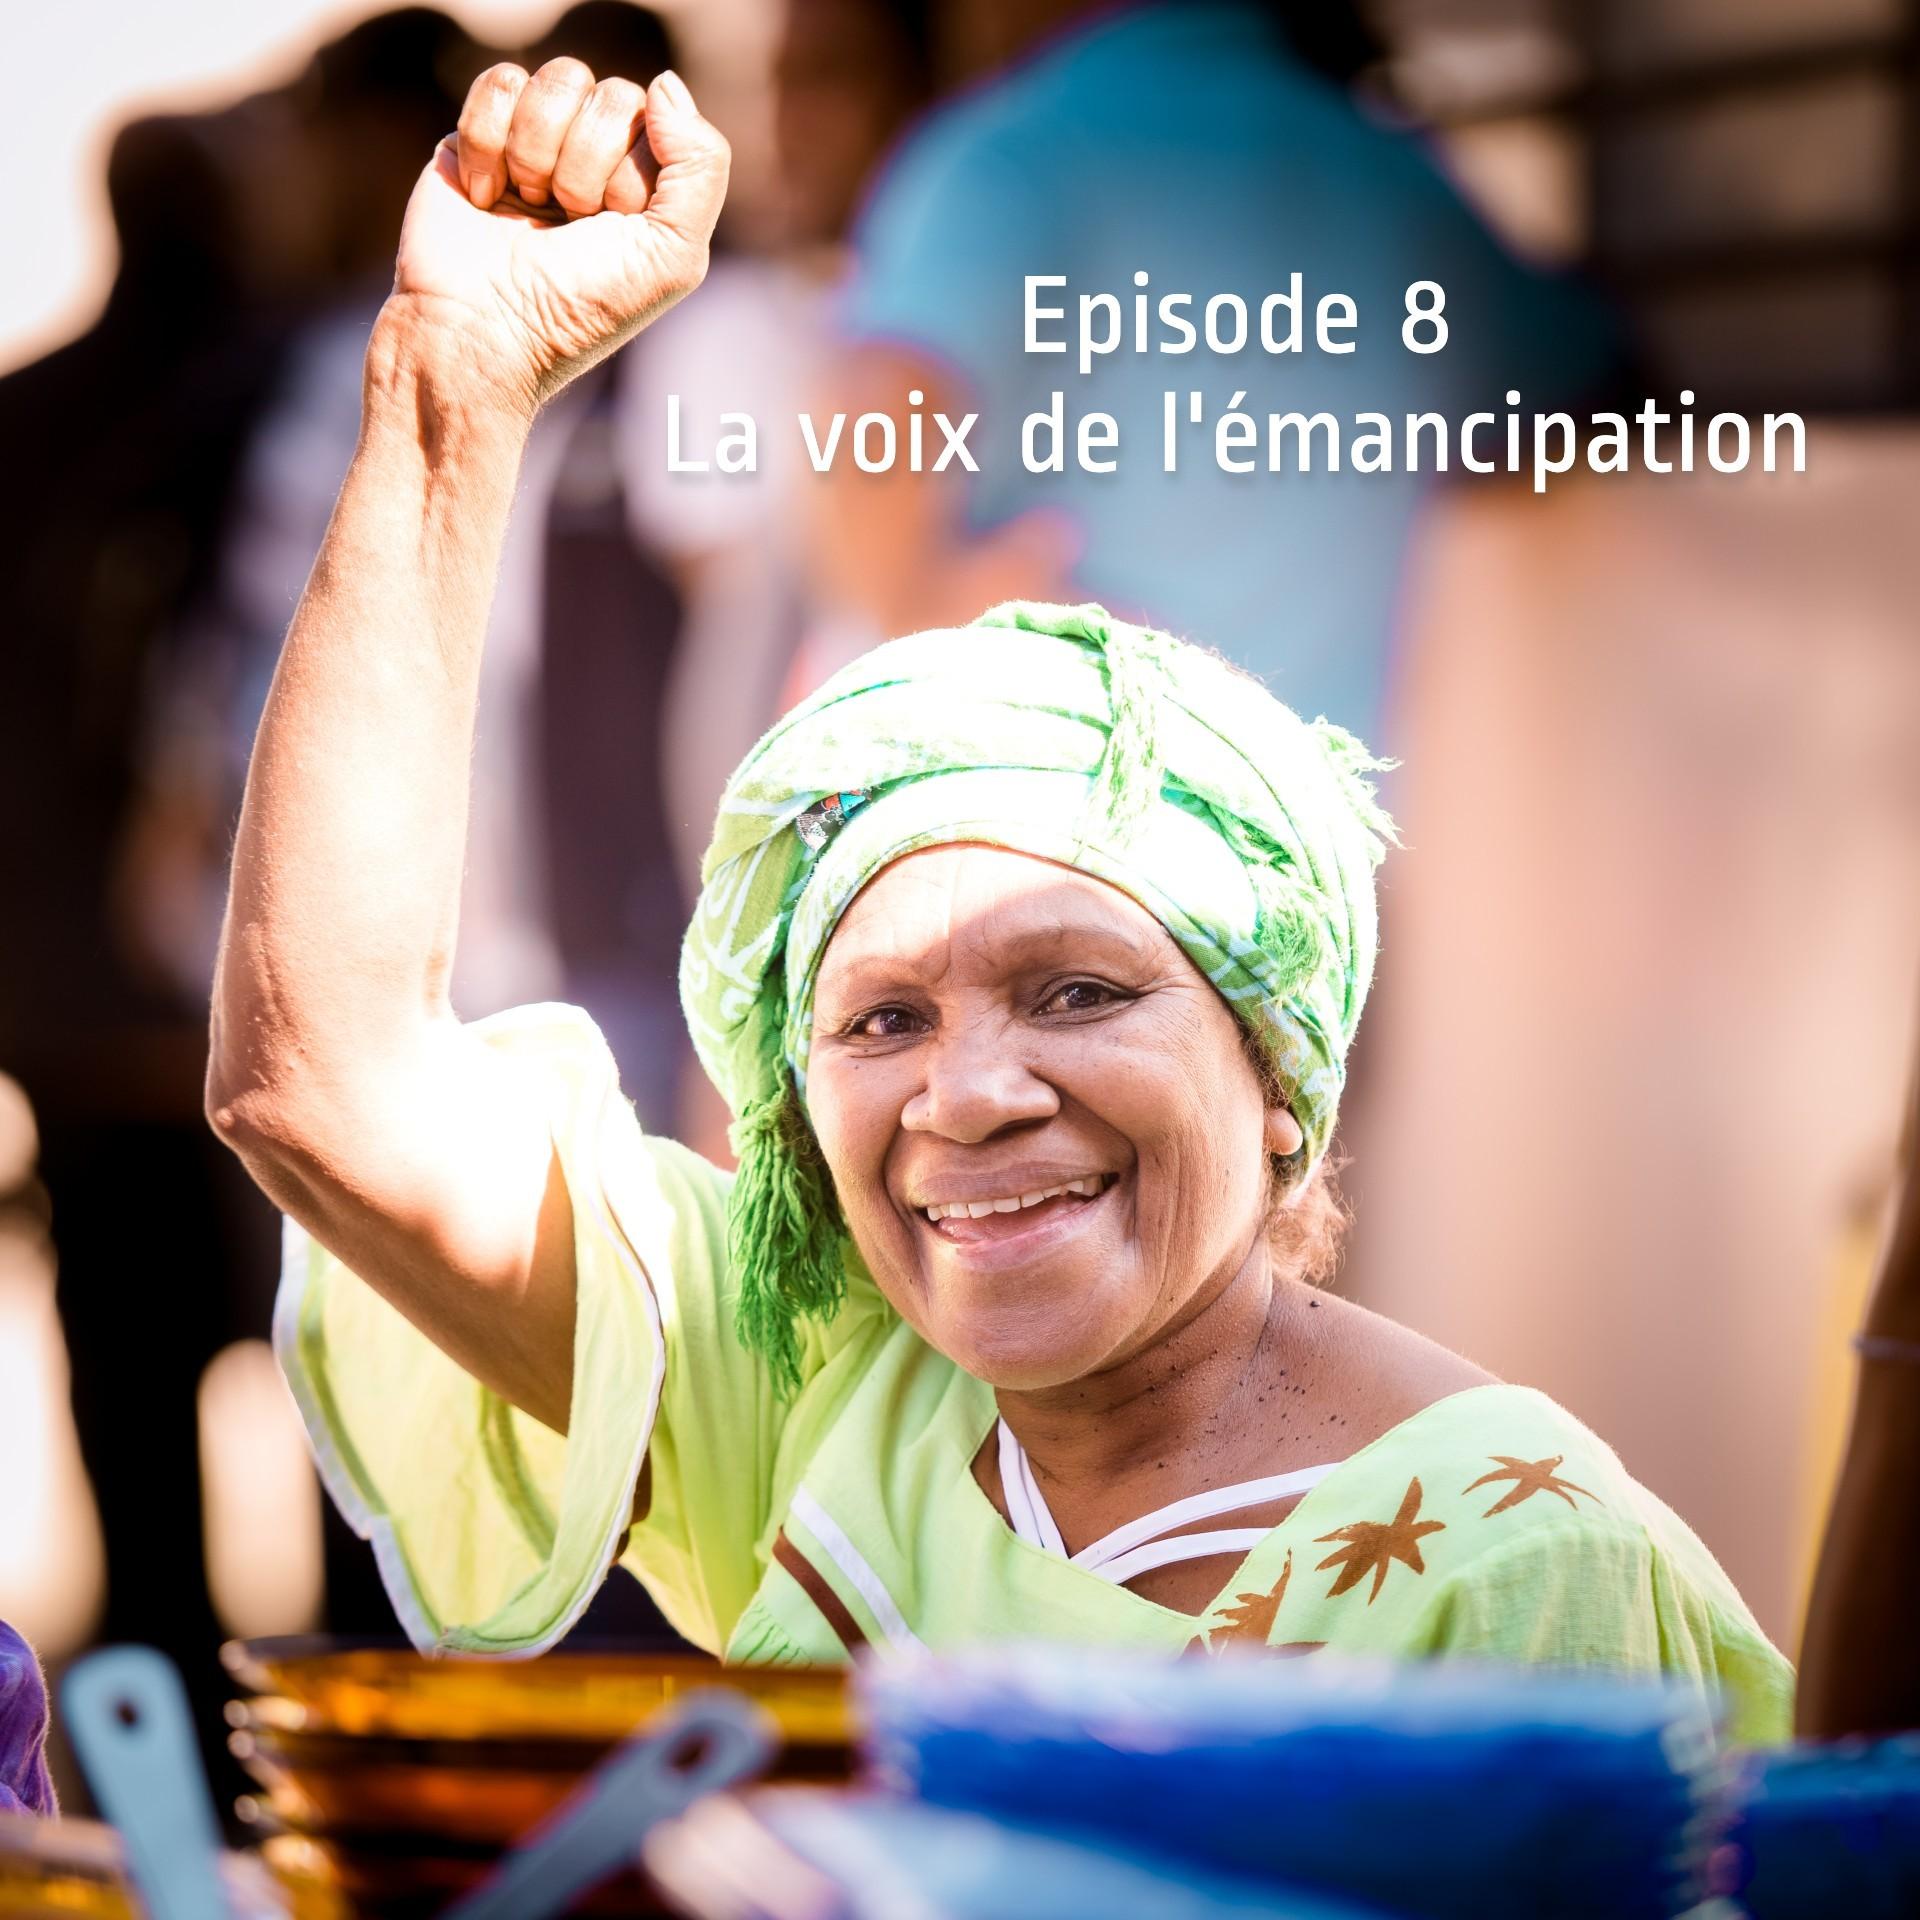 Episode 8 - La voix de l'émancipation